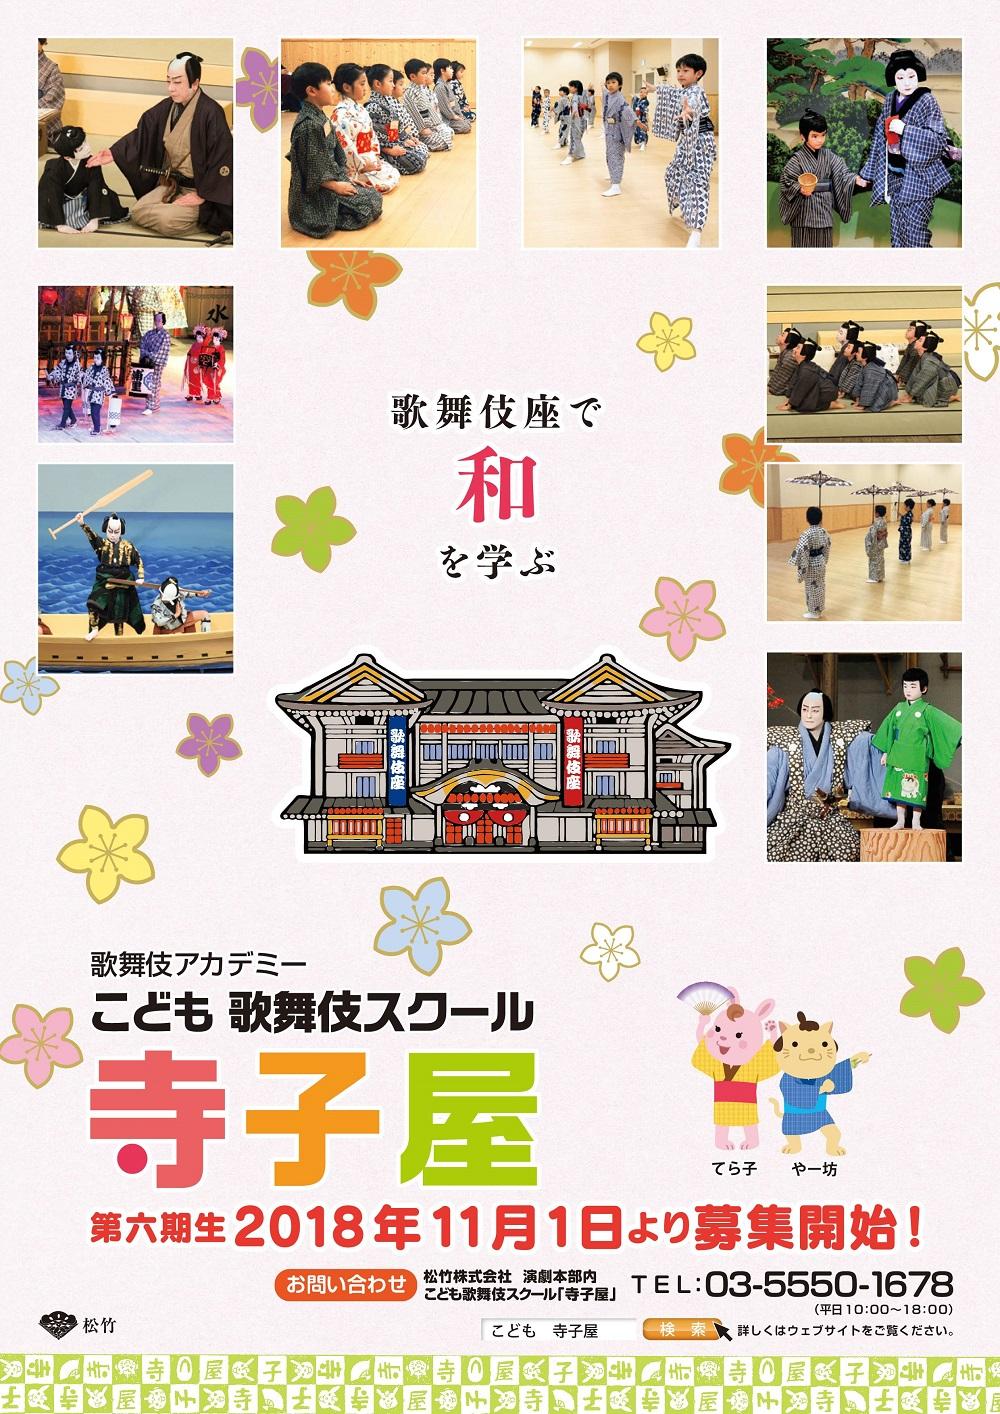 こども歌舞伎スクール「寺子屋」第六期生募集、お稽古見学会開催のお知らせ